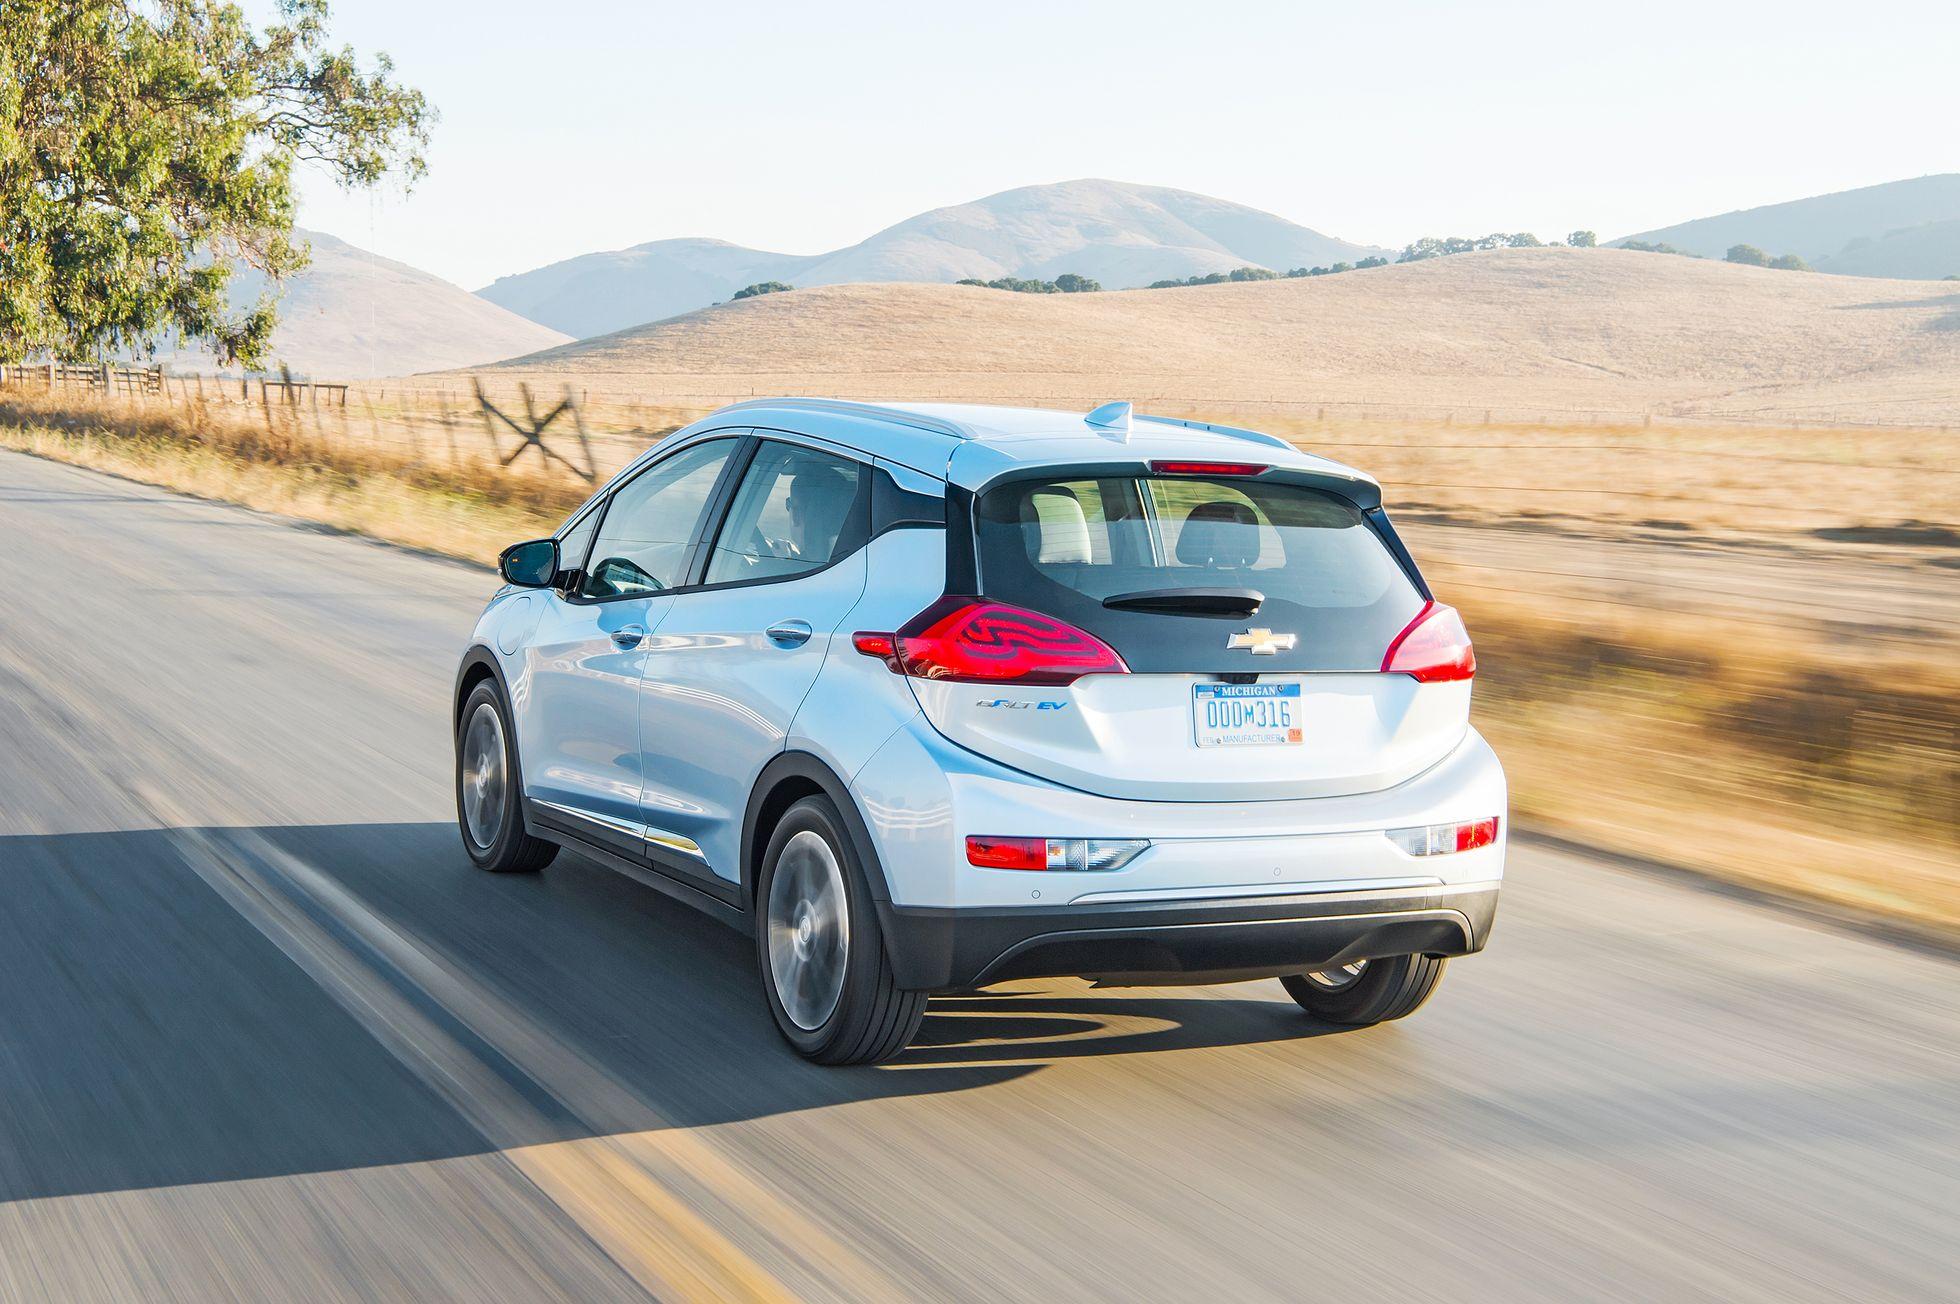 Elektroauto: Der Chevy Bolt ist erschwinglich und fährt weit - Der Chevy Bolt soll Ende 2016 in den Handel kommen. (Foto: GM)